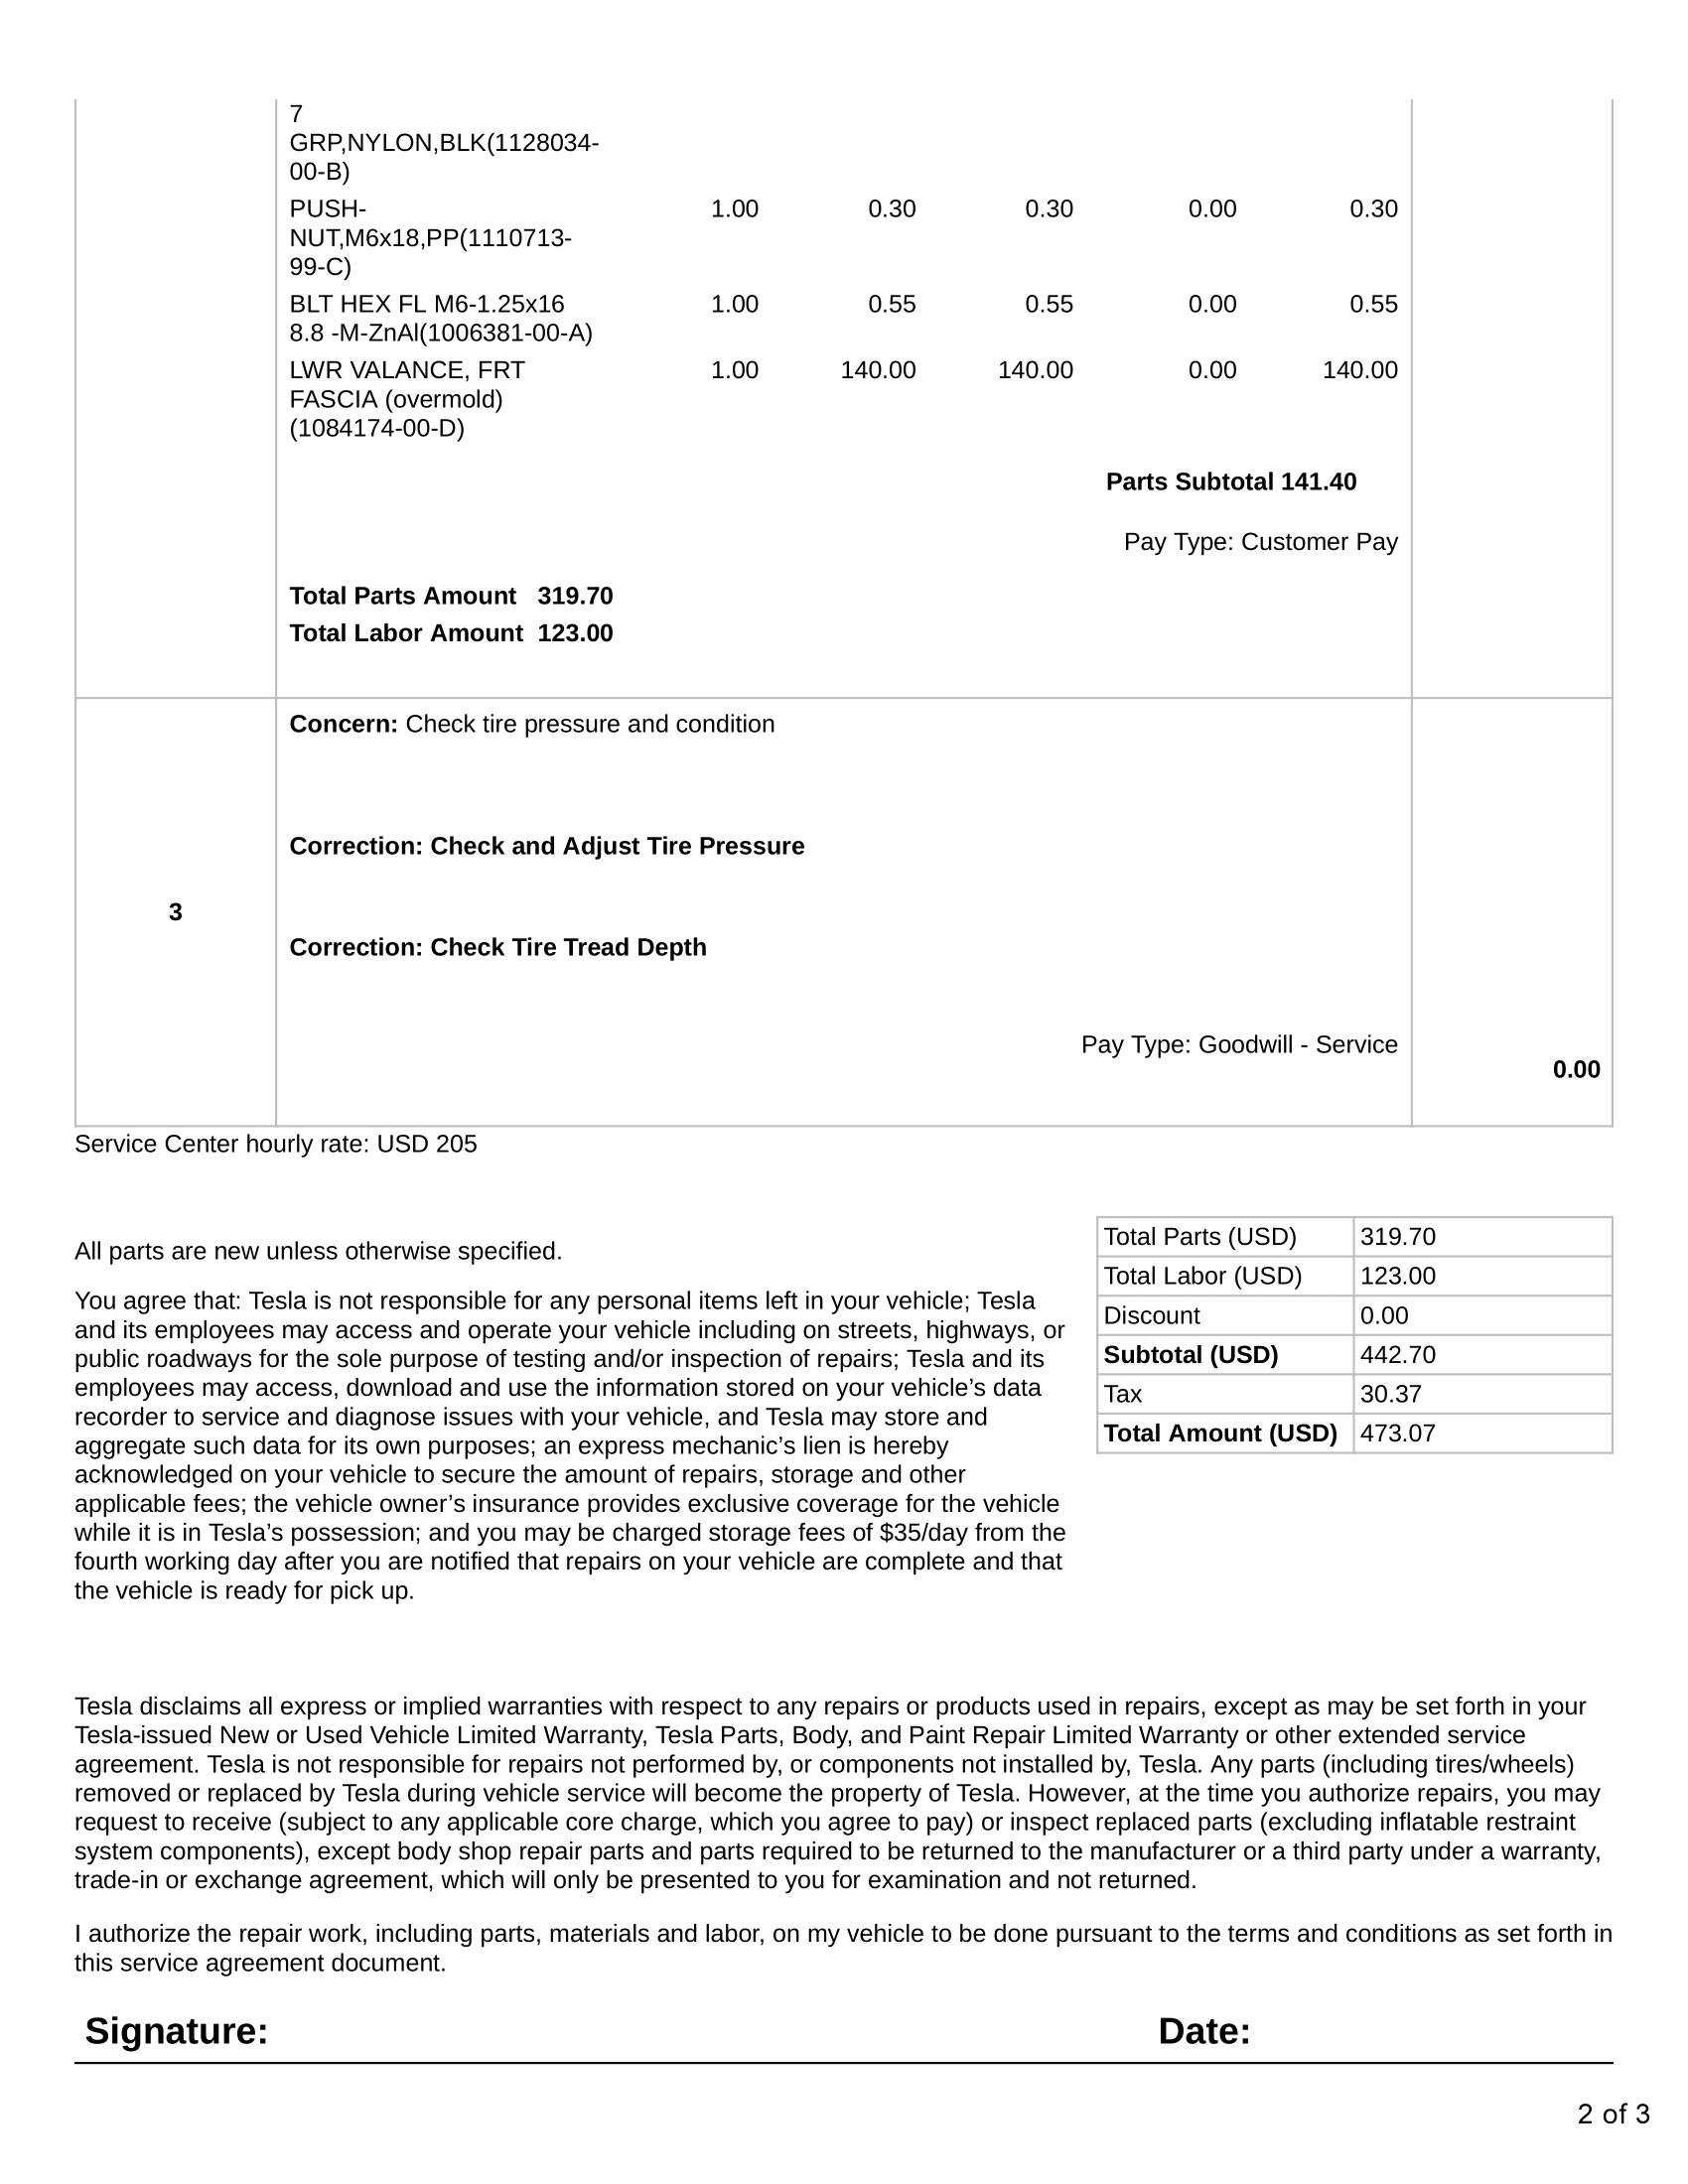 Tesla-Service-Estimate-encrypted-1-2.png